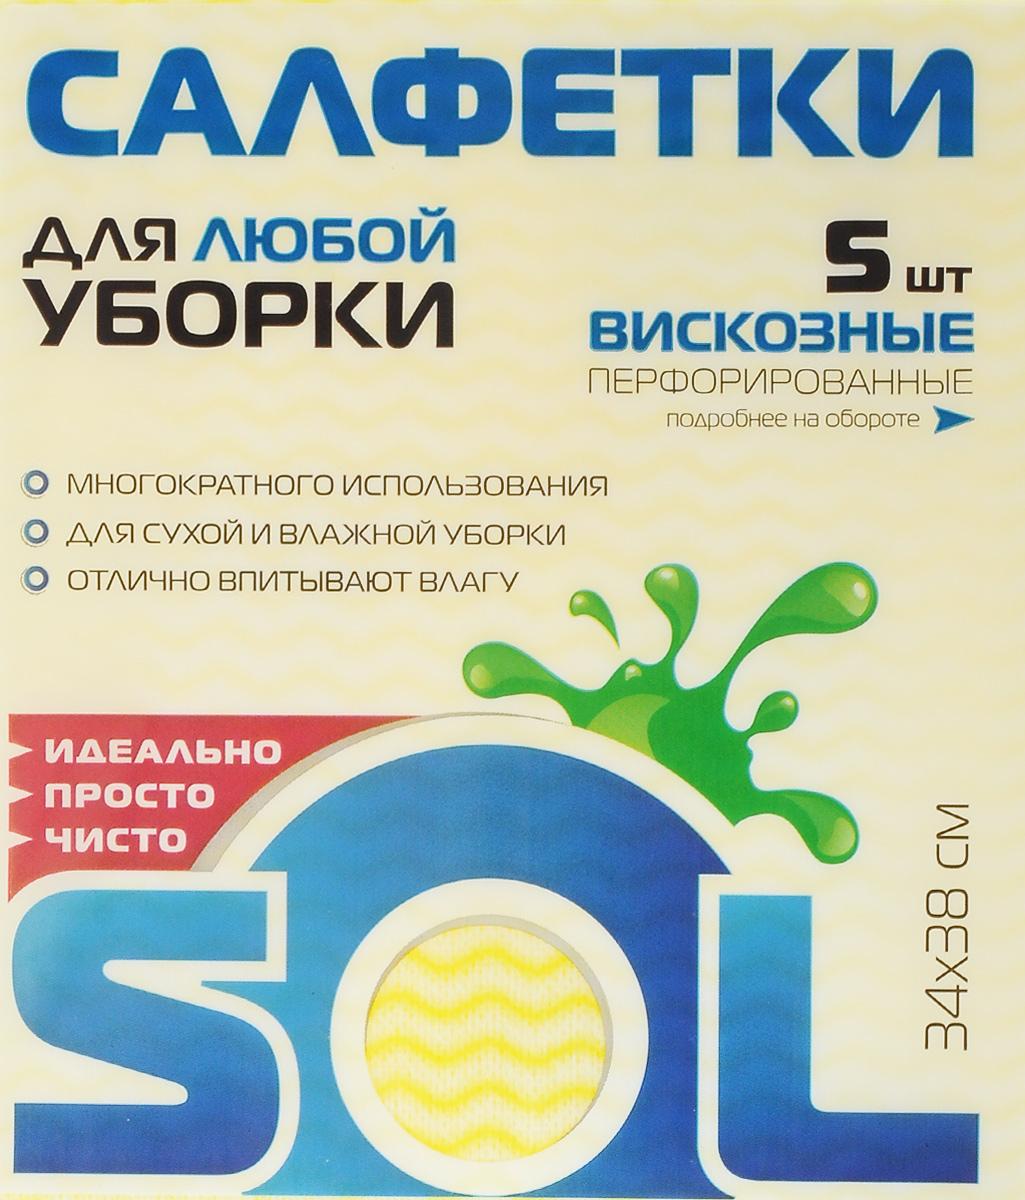 Салфетка для уборки Sol, из вискозы, перфорированная, цвет: желтый, 34 x 38 см, 5 шт407133/407132Перфорированные салфетки Sol, выполненные из вискозы, предназначены для сухой и влажной уборки и могут применяться с различными моющими средствами. Благодаря перфорации салфетка быстро высыхает, что позволяет избежать возникновения неприятных запахов. Отлично подходит для полировки различных поверхностей, не оставляет разводов и ворсинок, хорошо впитывает влагу. Рекомендации по уходу: Для обеспечения гигиеничности уборки после применения прополоскать в теплой воде.Для продления срока службы не применять машинную стирку, не гладить и не кипятить.